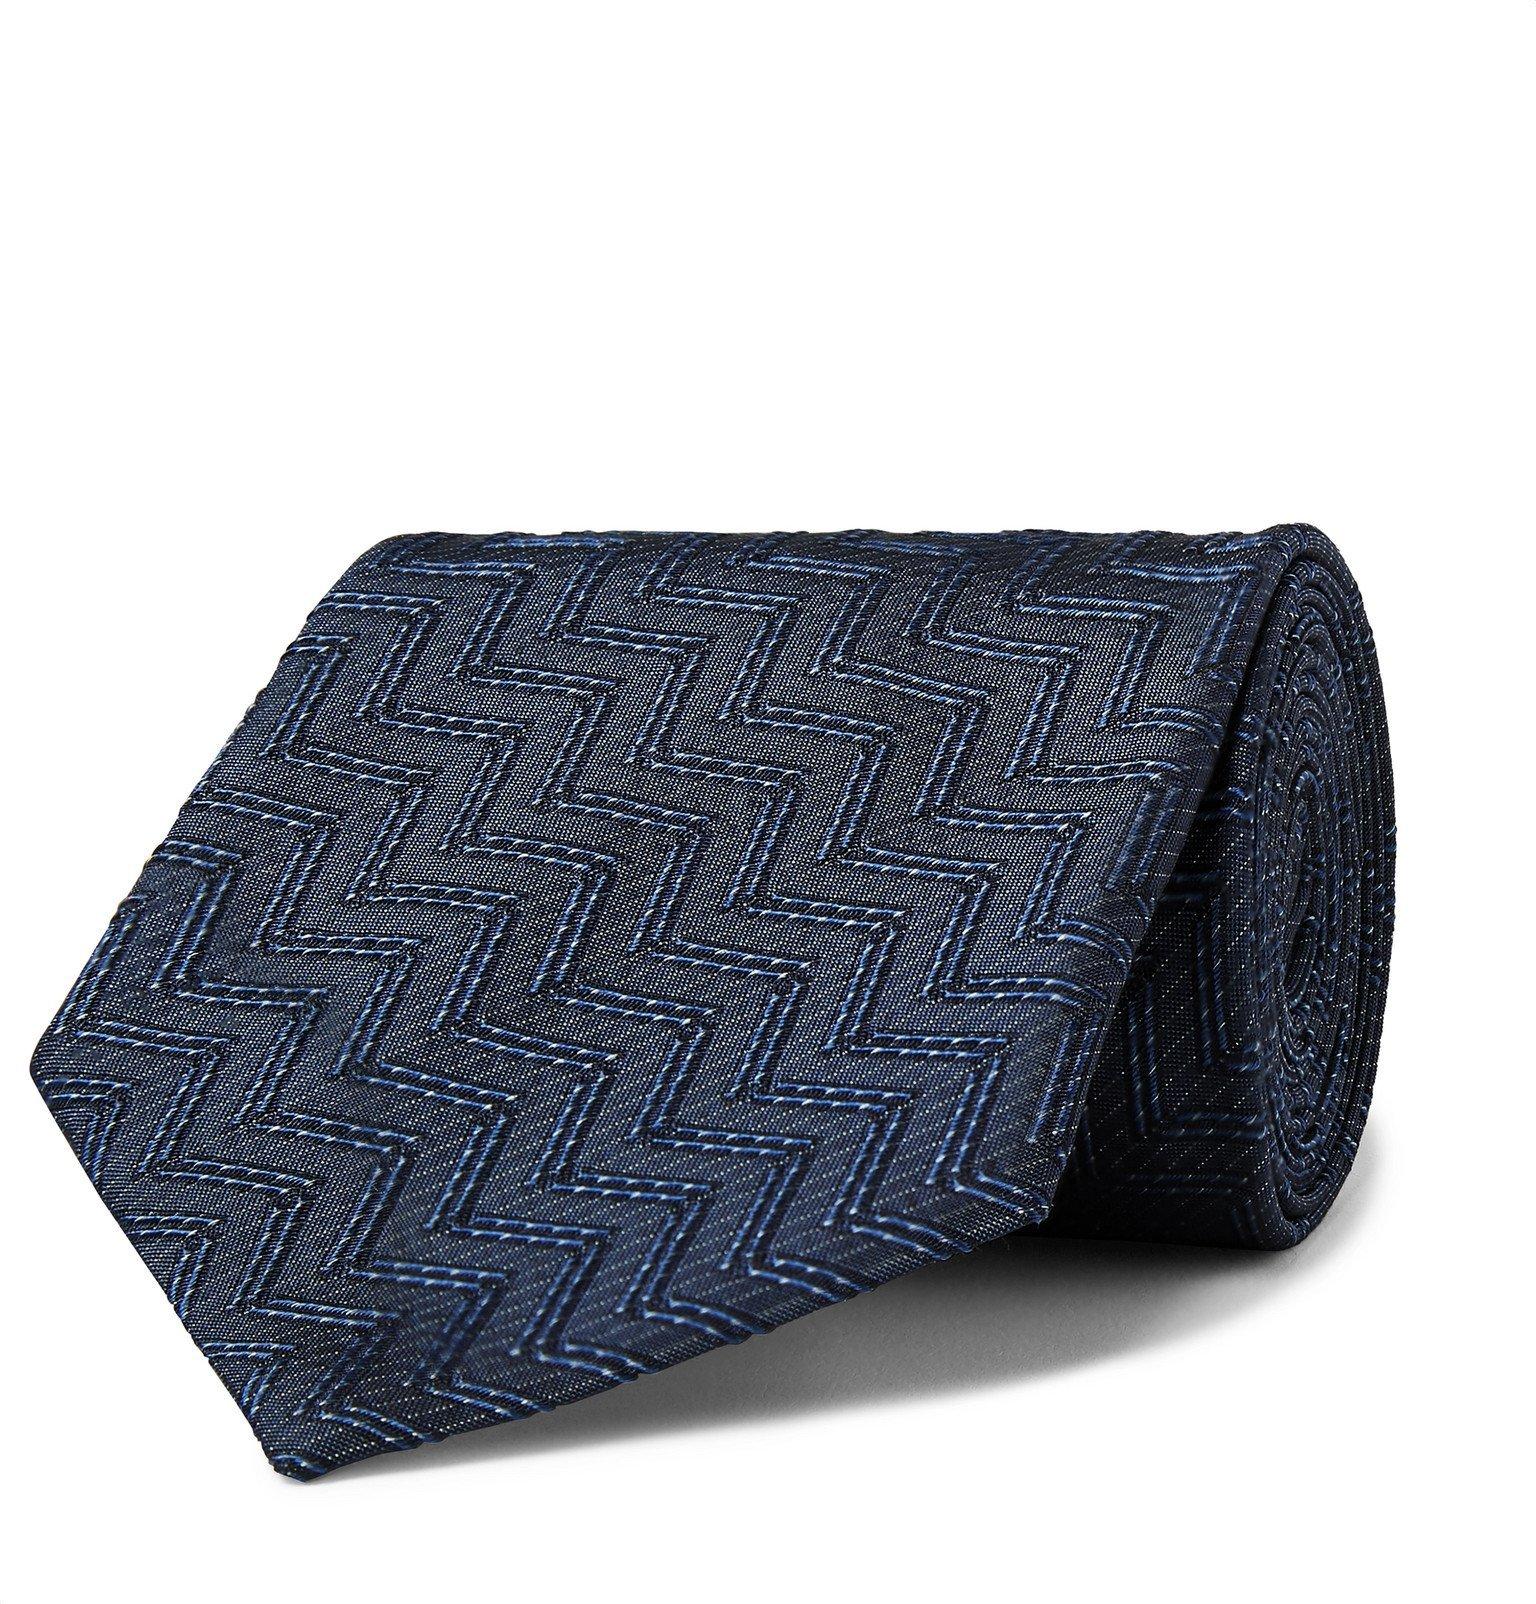 Giorgio Armani - 7.5cm ZigZag Silk-Jacquard Tie - Blue